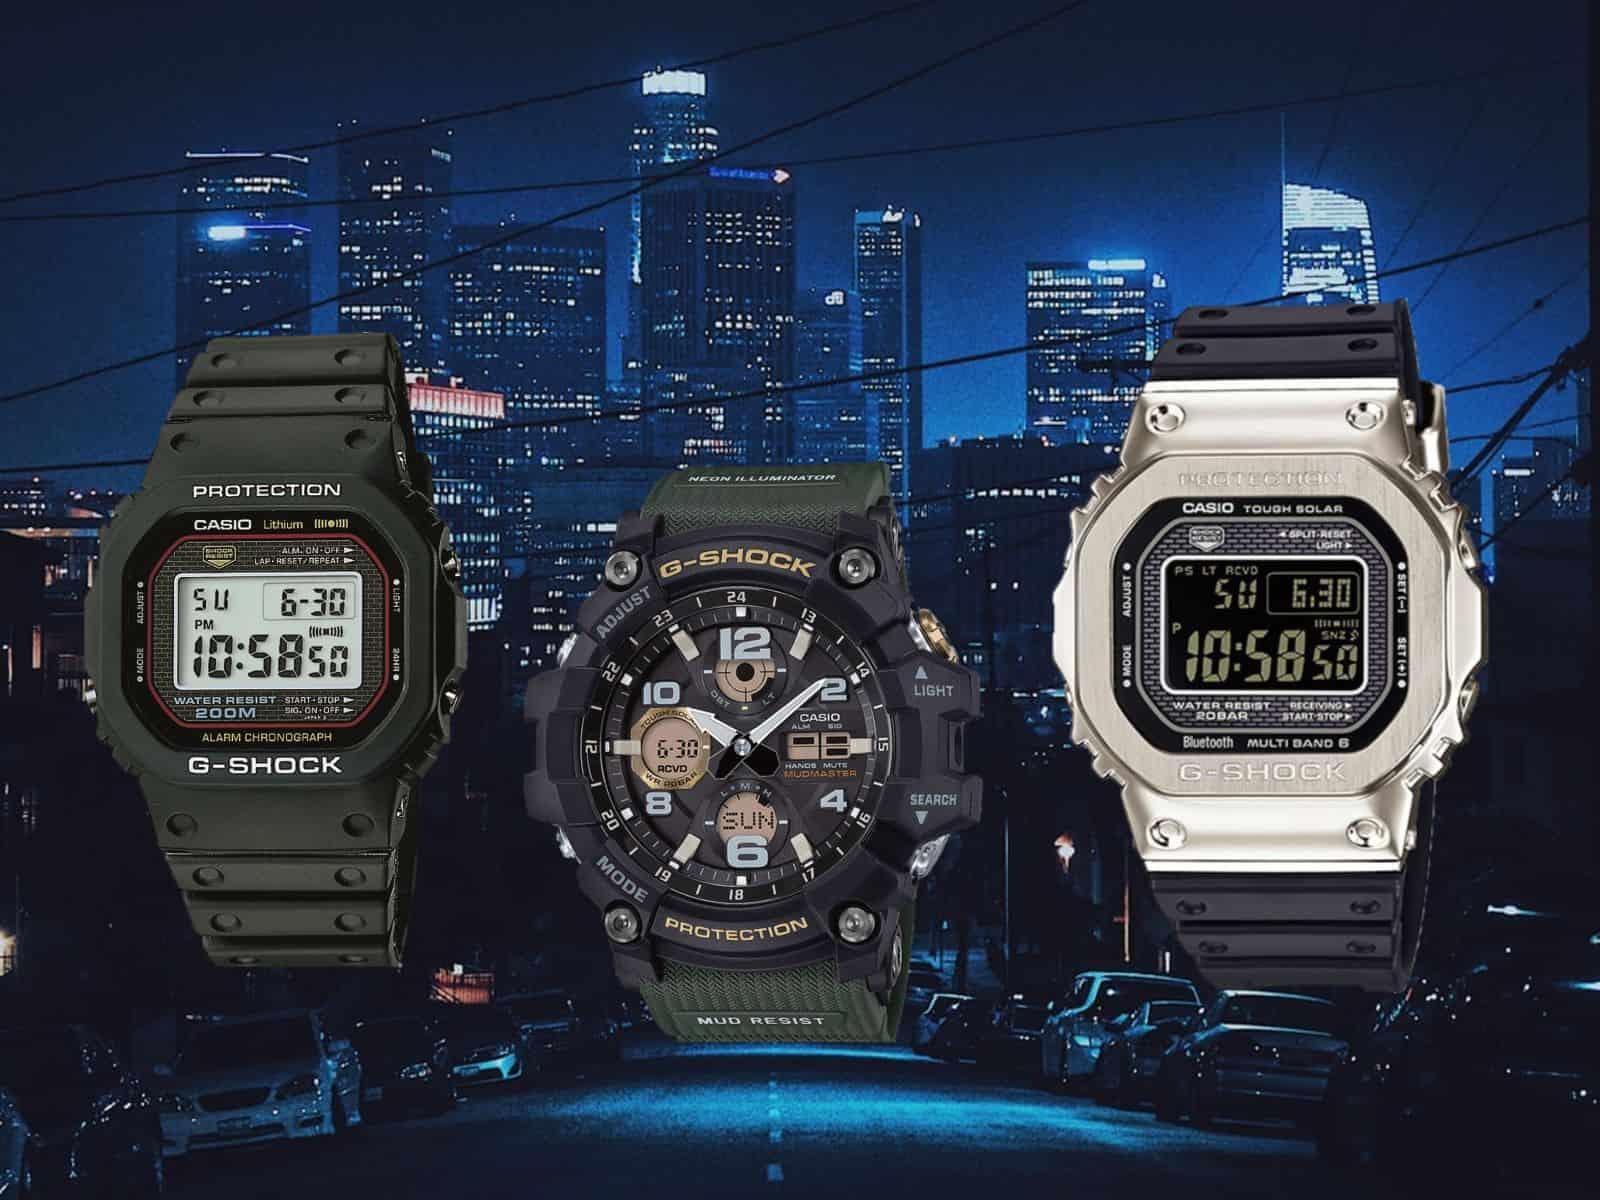 Die G-Shock Modelle für den Urban Djungle